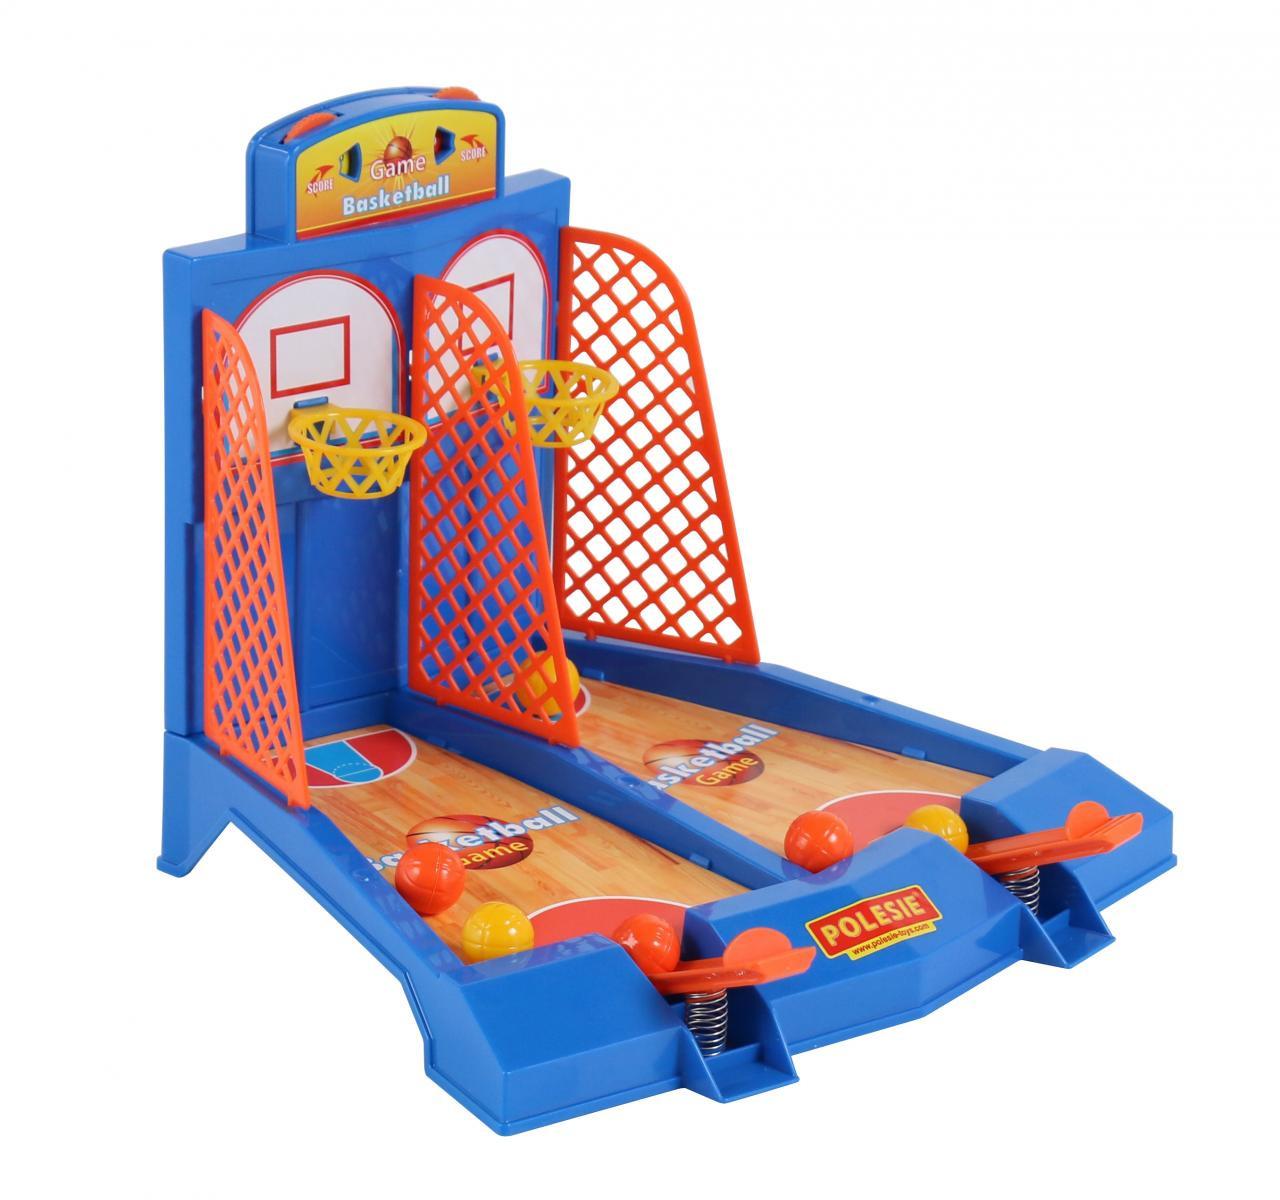 Игра Полесье Баскетбол, для 2-х игроков, цвет в ассортименте игра полесье поймай уточку для 2 х игроков в коробке 40541